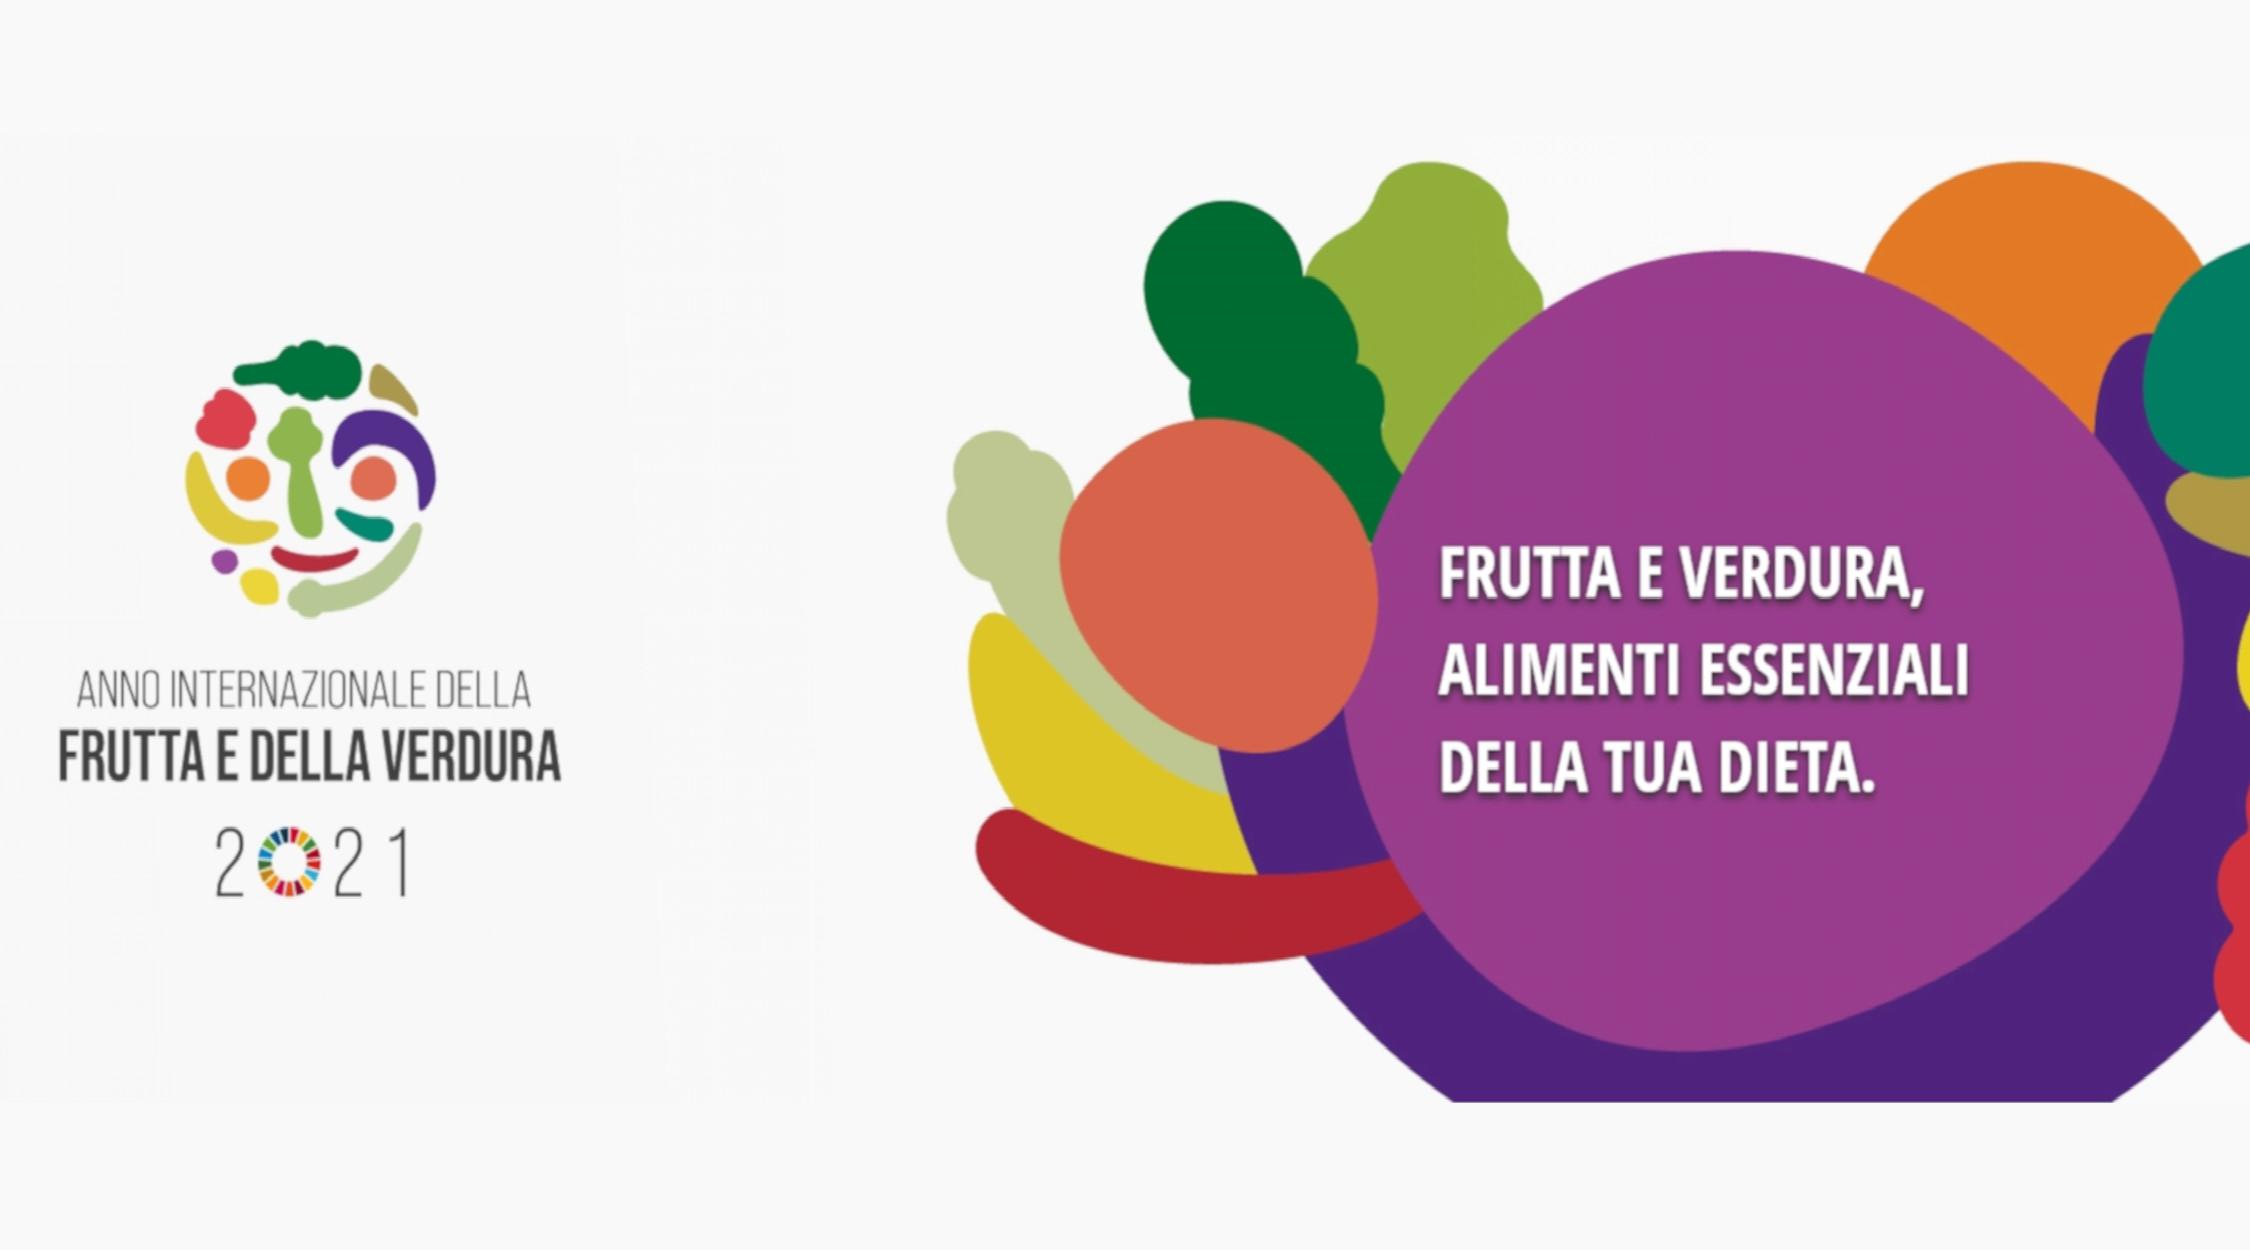 Anno Internazionale della Frutta e Verdura